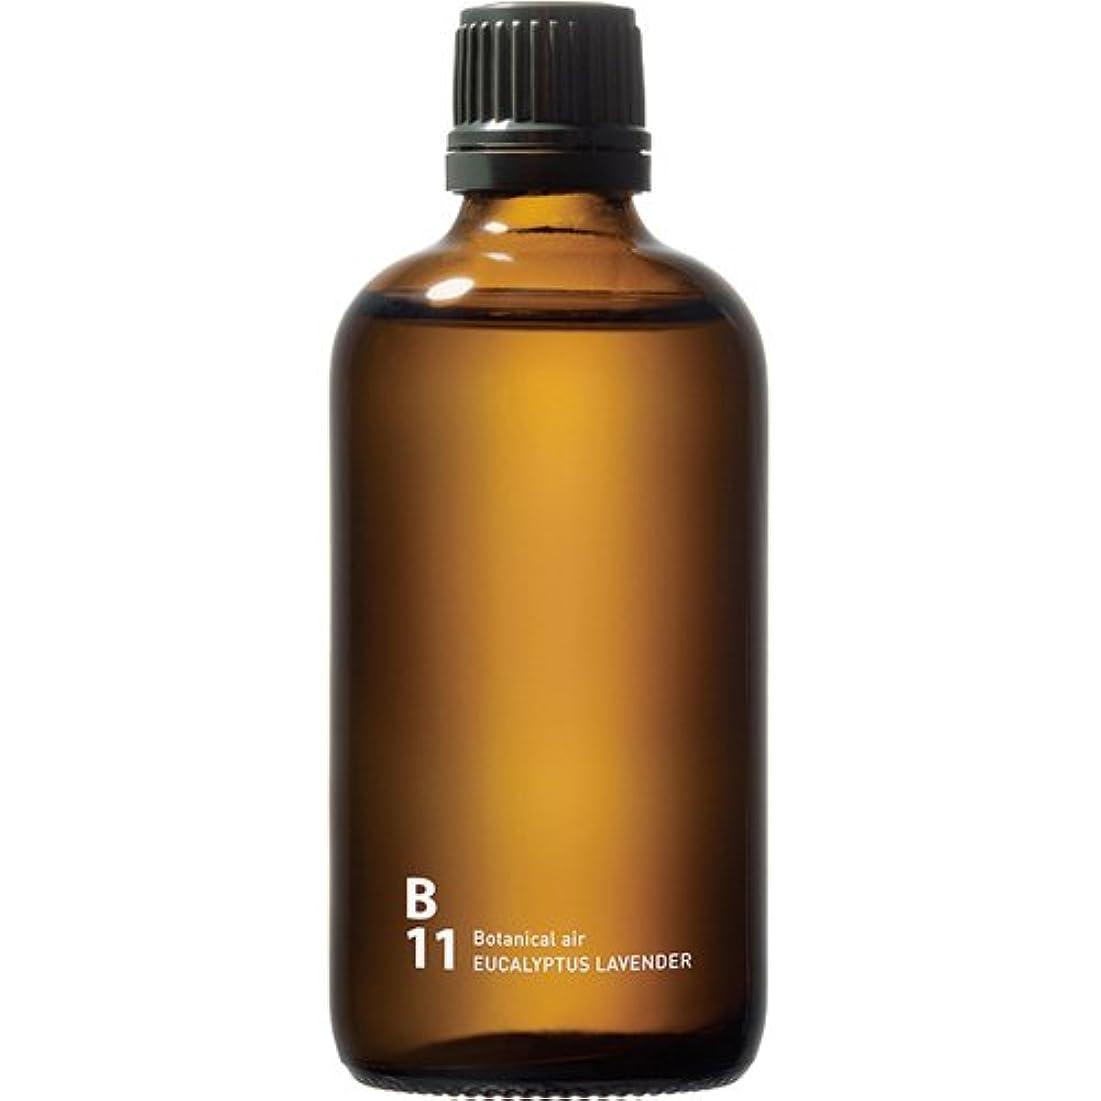 ネーピア写真撮影近くB11 EUCALYPTUS LAVENDER piezo aroma oil 100ml